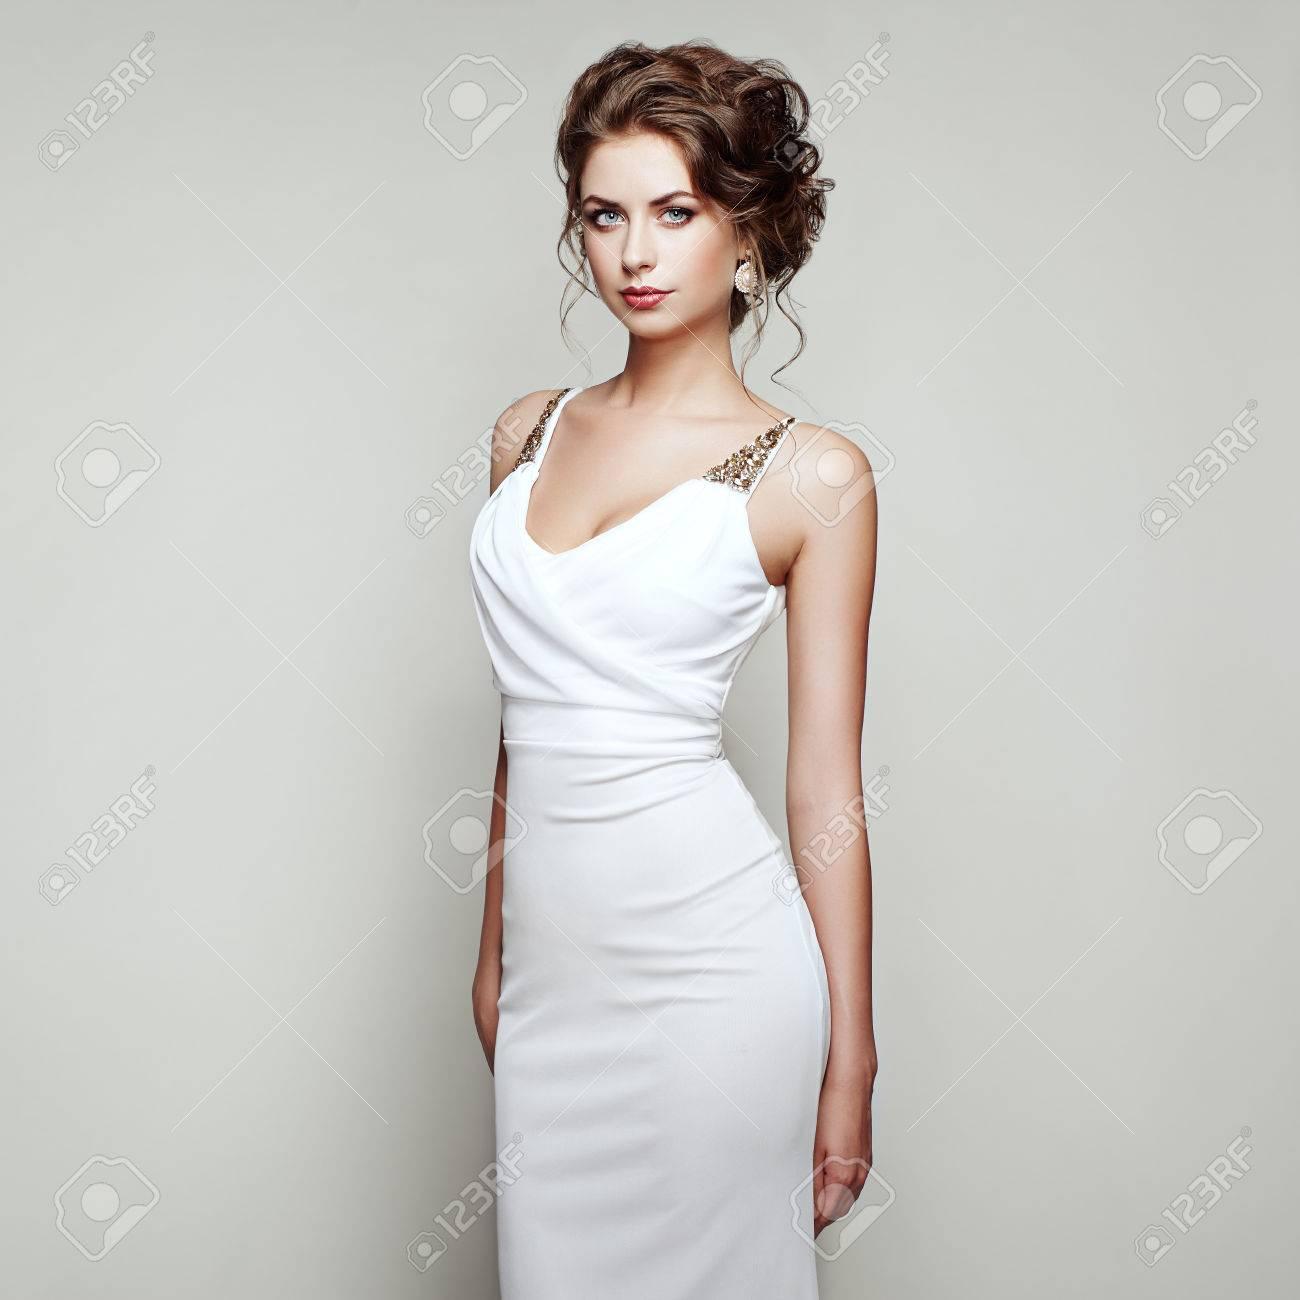 De Fashion Élégante Belle BlancheFille Portrait Avec La Femme Robe WH29IED